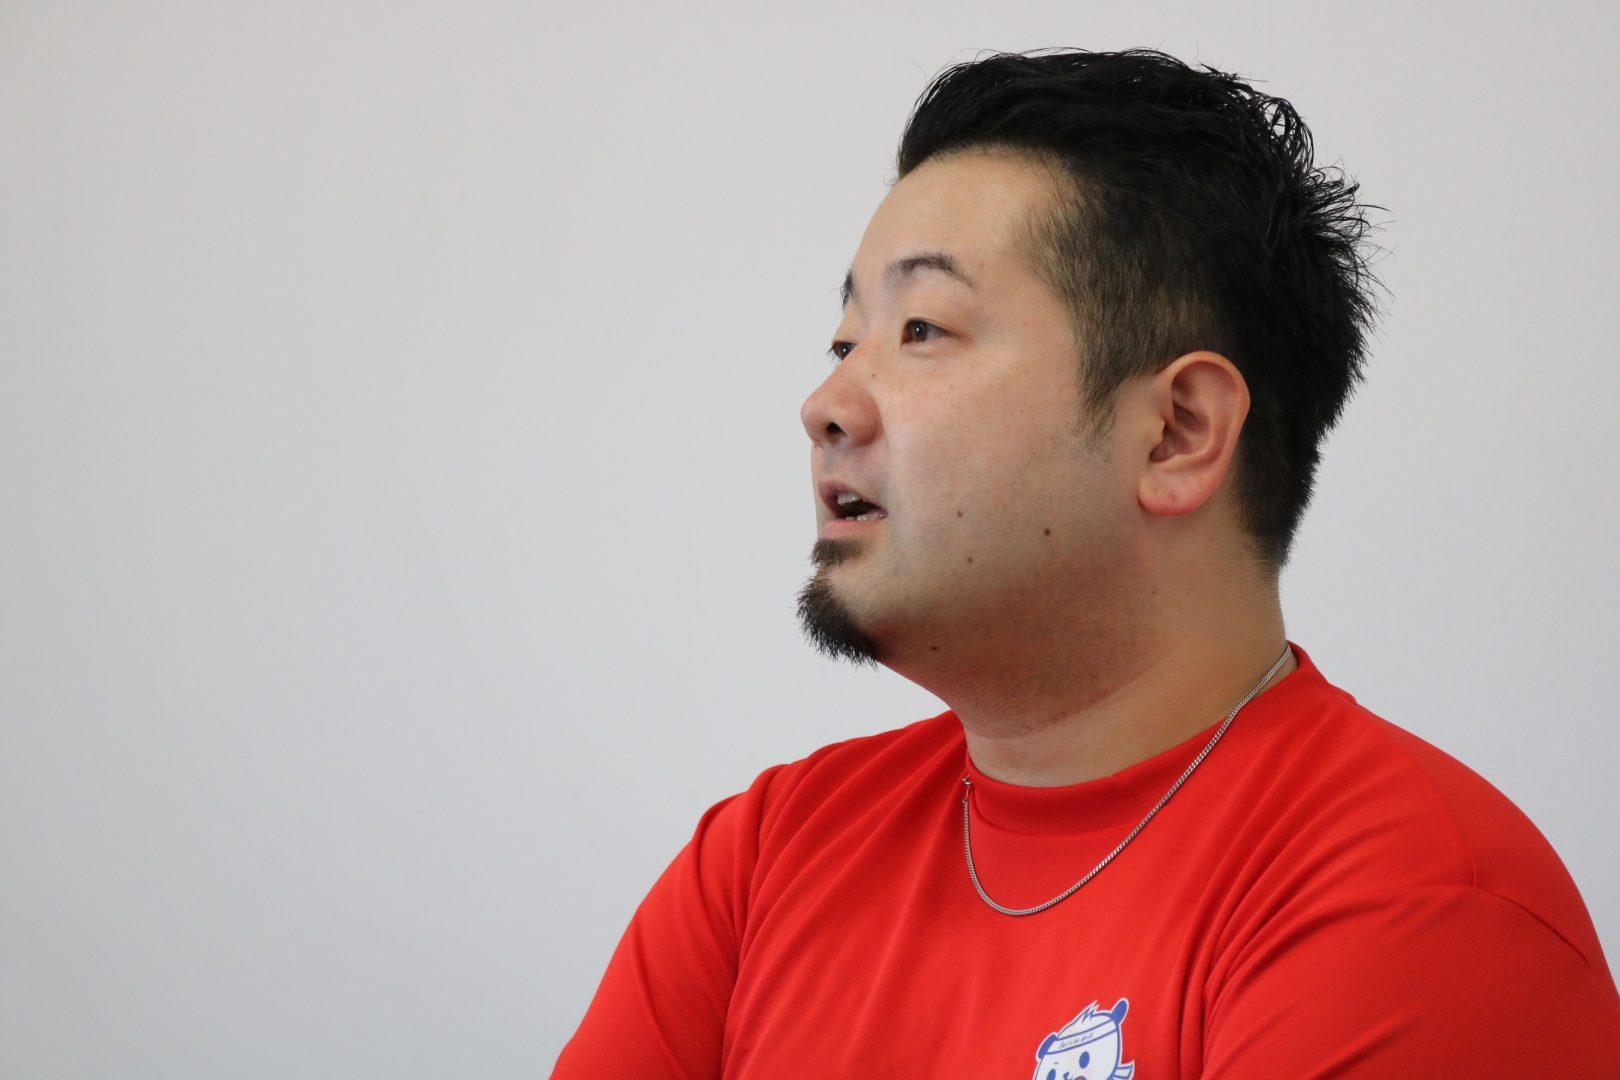 【急募・卓球】「ため息がない試合会場へ」T.T彩たま坂本監督、Tリーグ盛り上げの秘策を募集